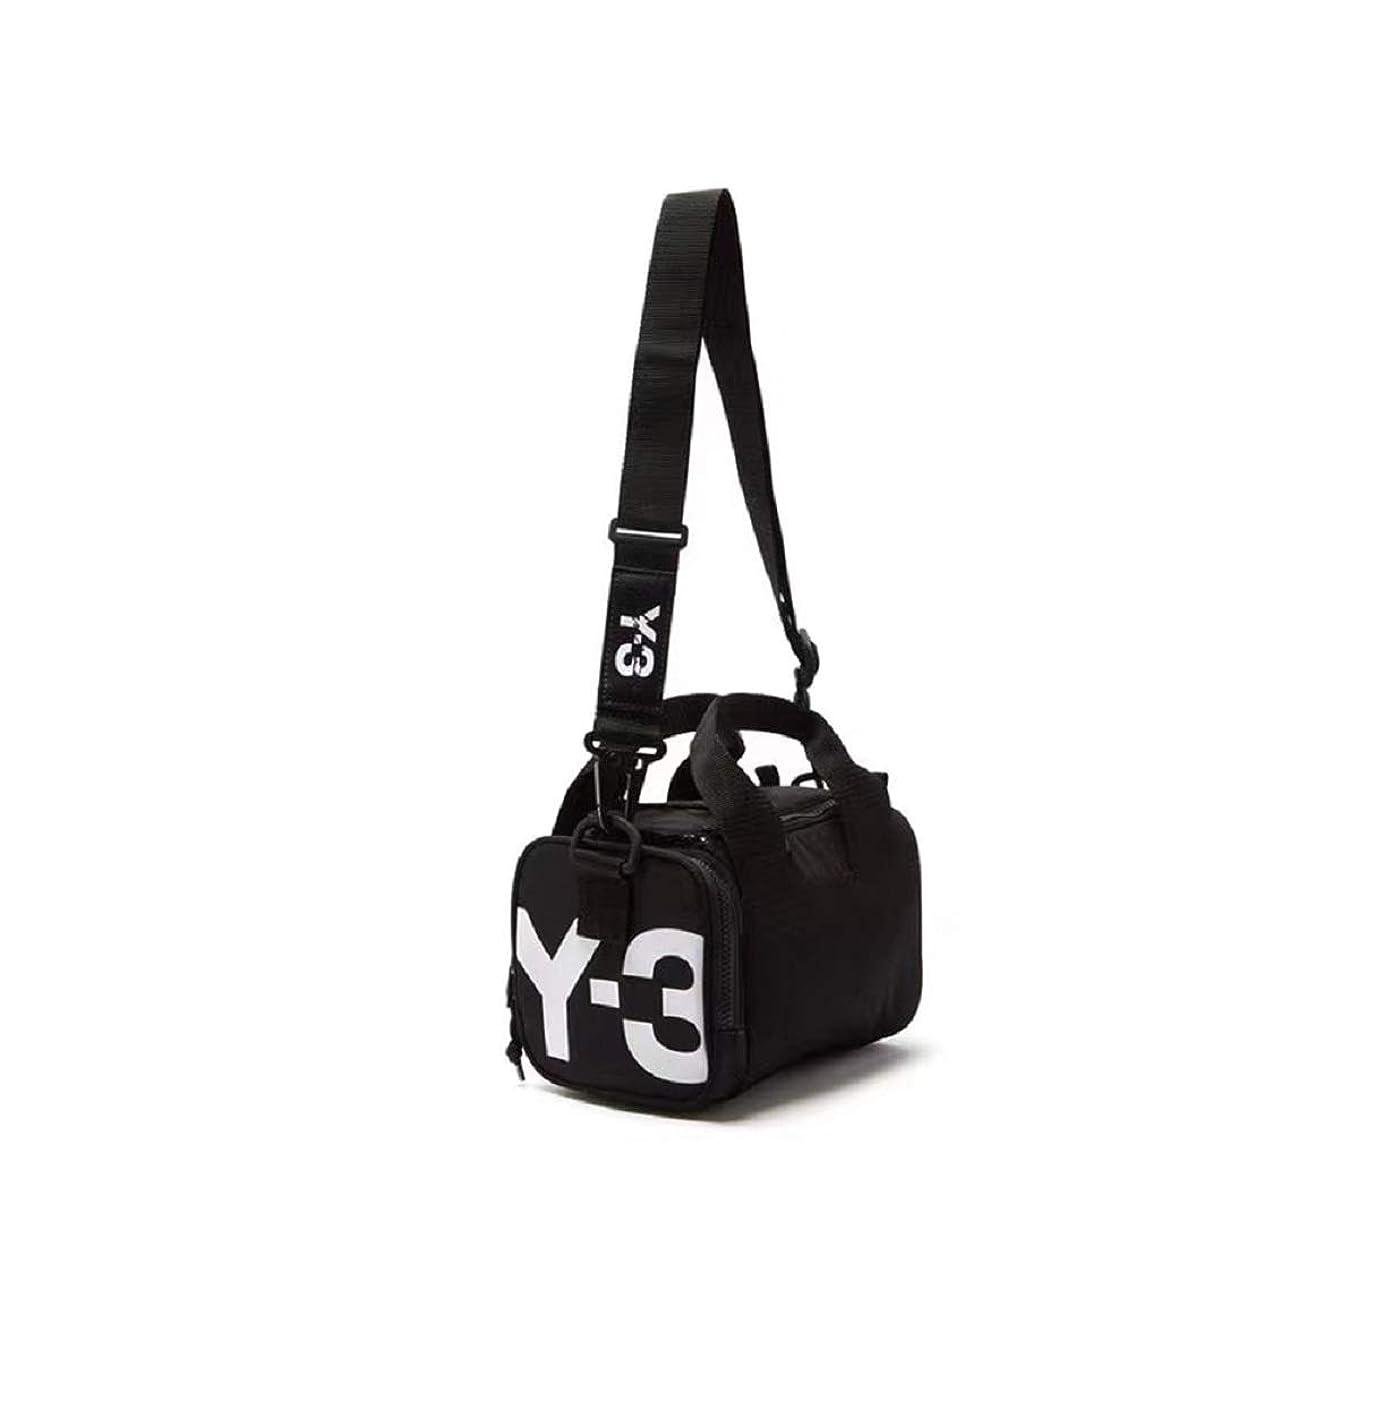 ラップ目的誤解するYamamoto ヨウジヤマモト Y-3 ワイスリー ショルダーバッグ トートバッグ メンズ レディース 斜めがけバッグ ワンショルダー バッグ 多機能 鞄